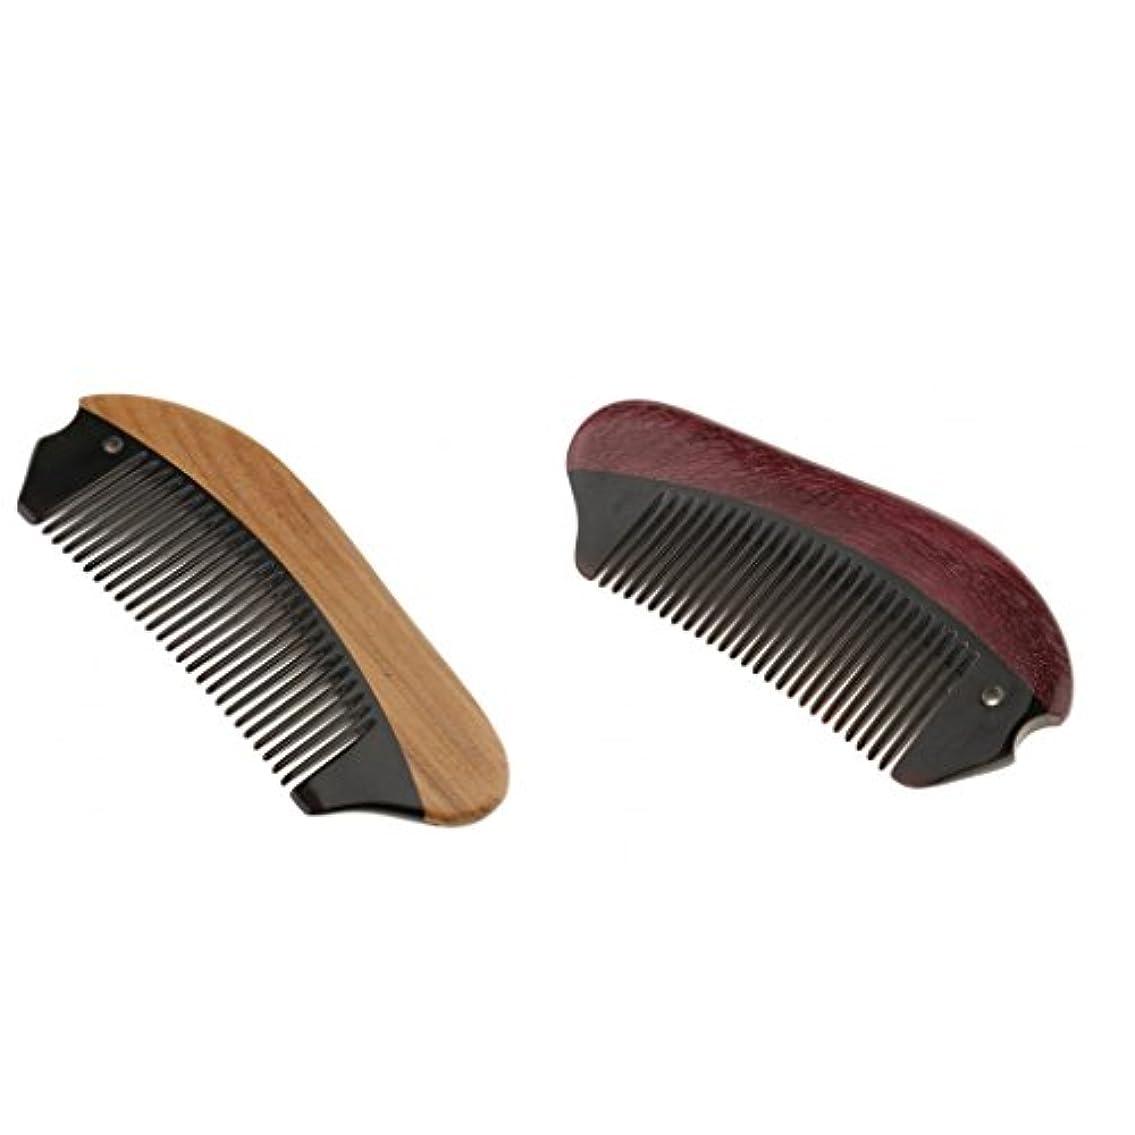 啓示指定カカドゥCUTICATE 2本牛角木製細かい歯の非静的な頭皮マッサージポケットくし